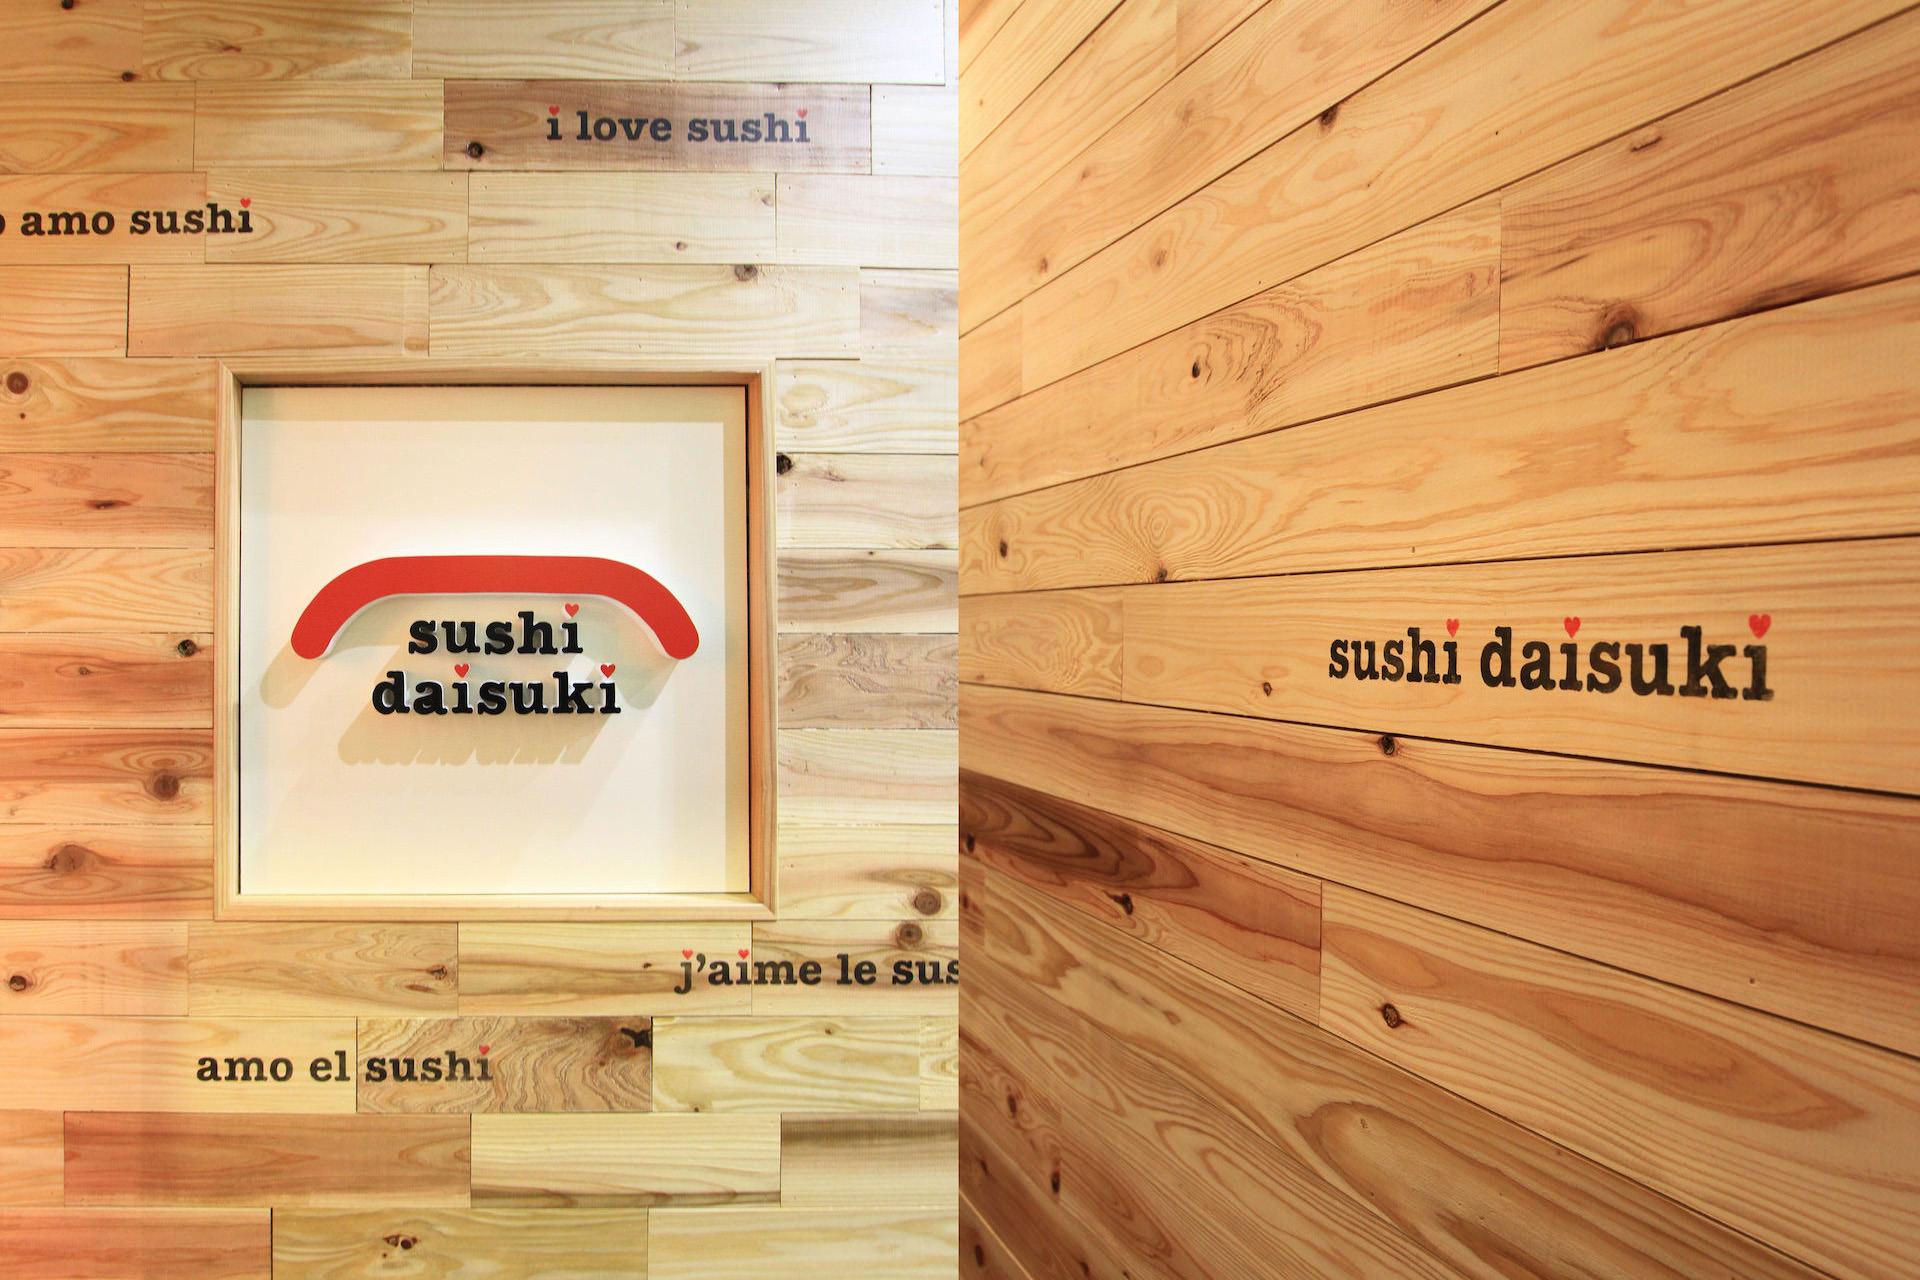 sushi daisuki